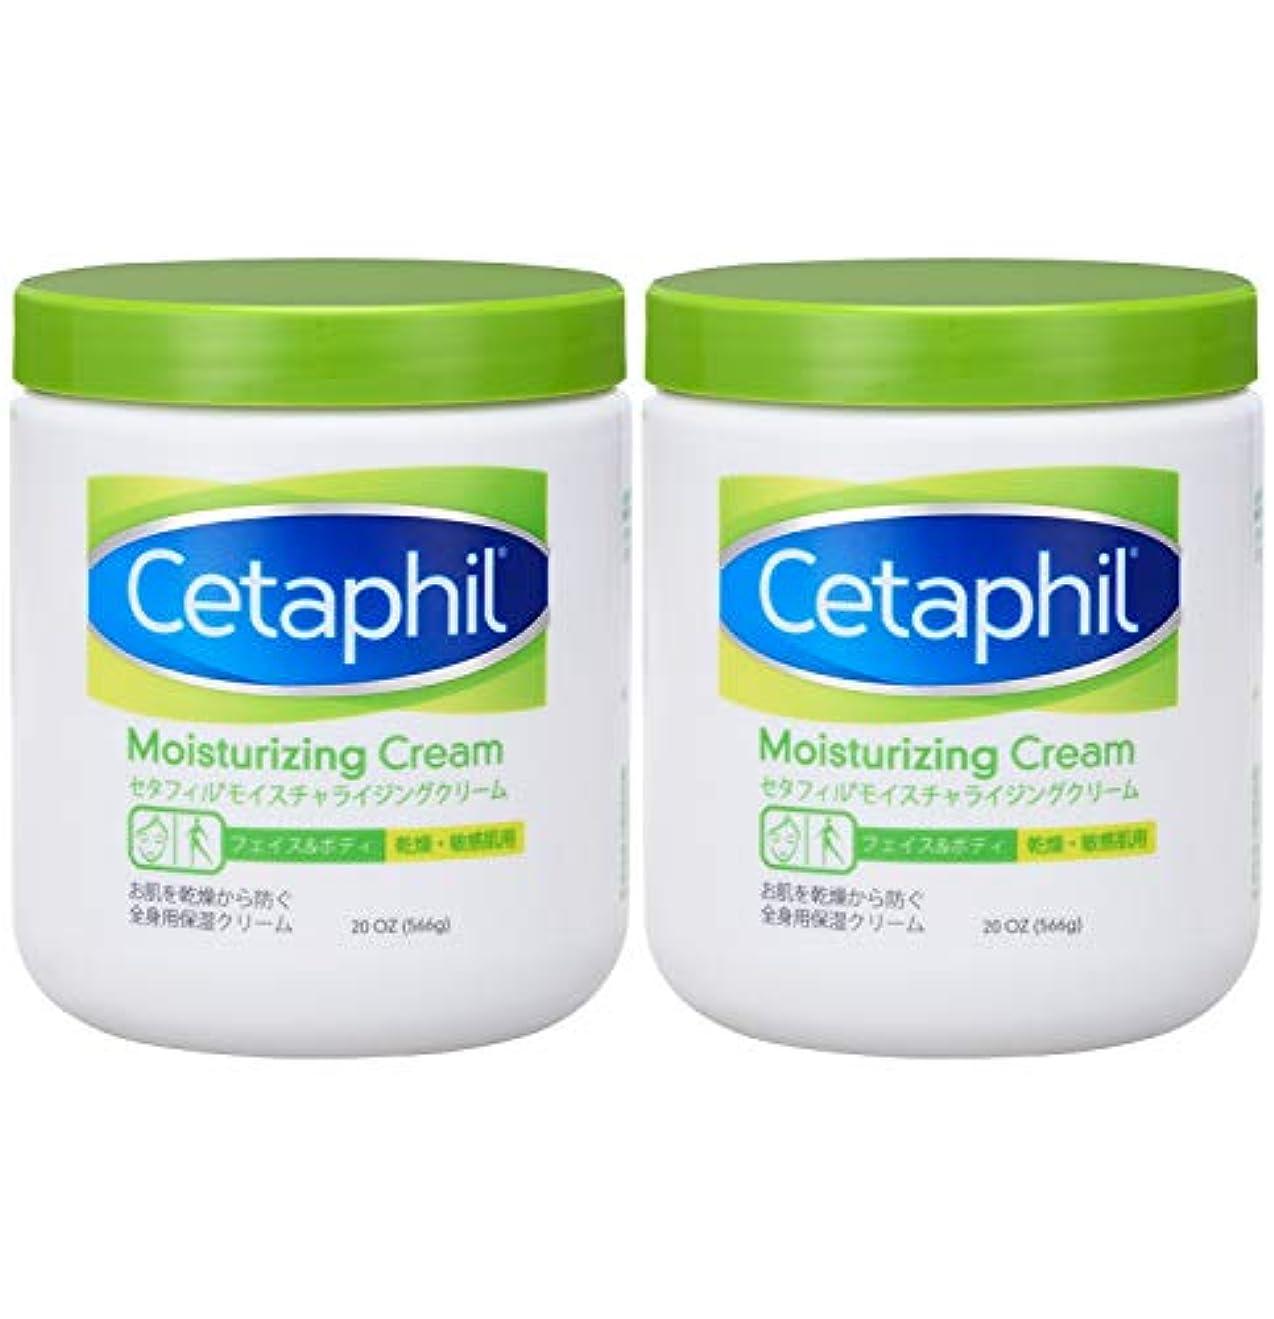 文明化未就学スマッシュセタフィル Cetaphil ® モイスチャライジングクリーム 566ml 2本組 ( フェイス & ボディ 保湿クリーム クリーム )